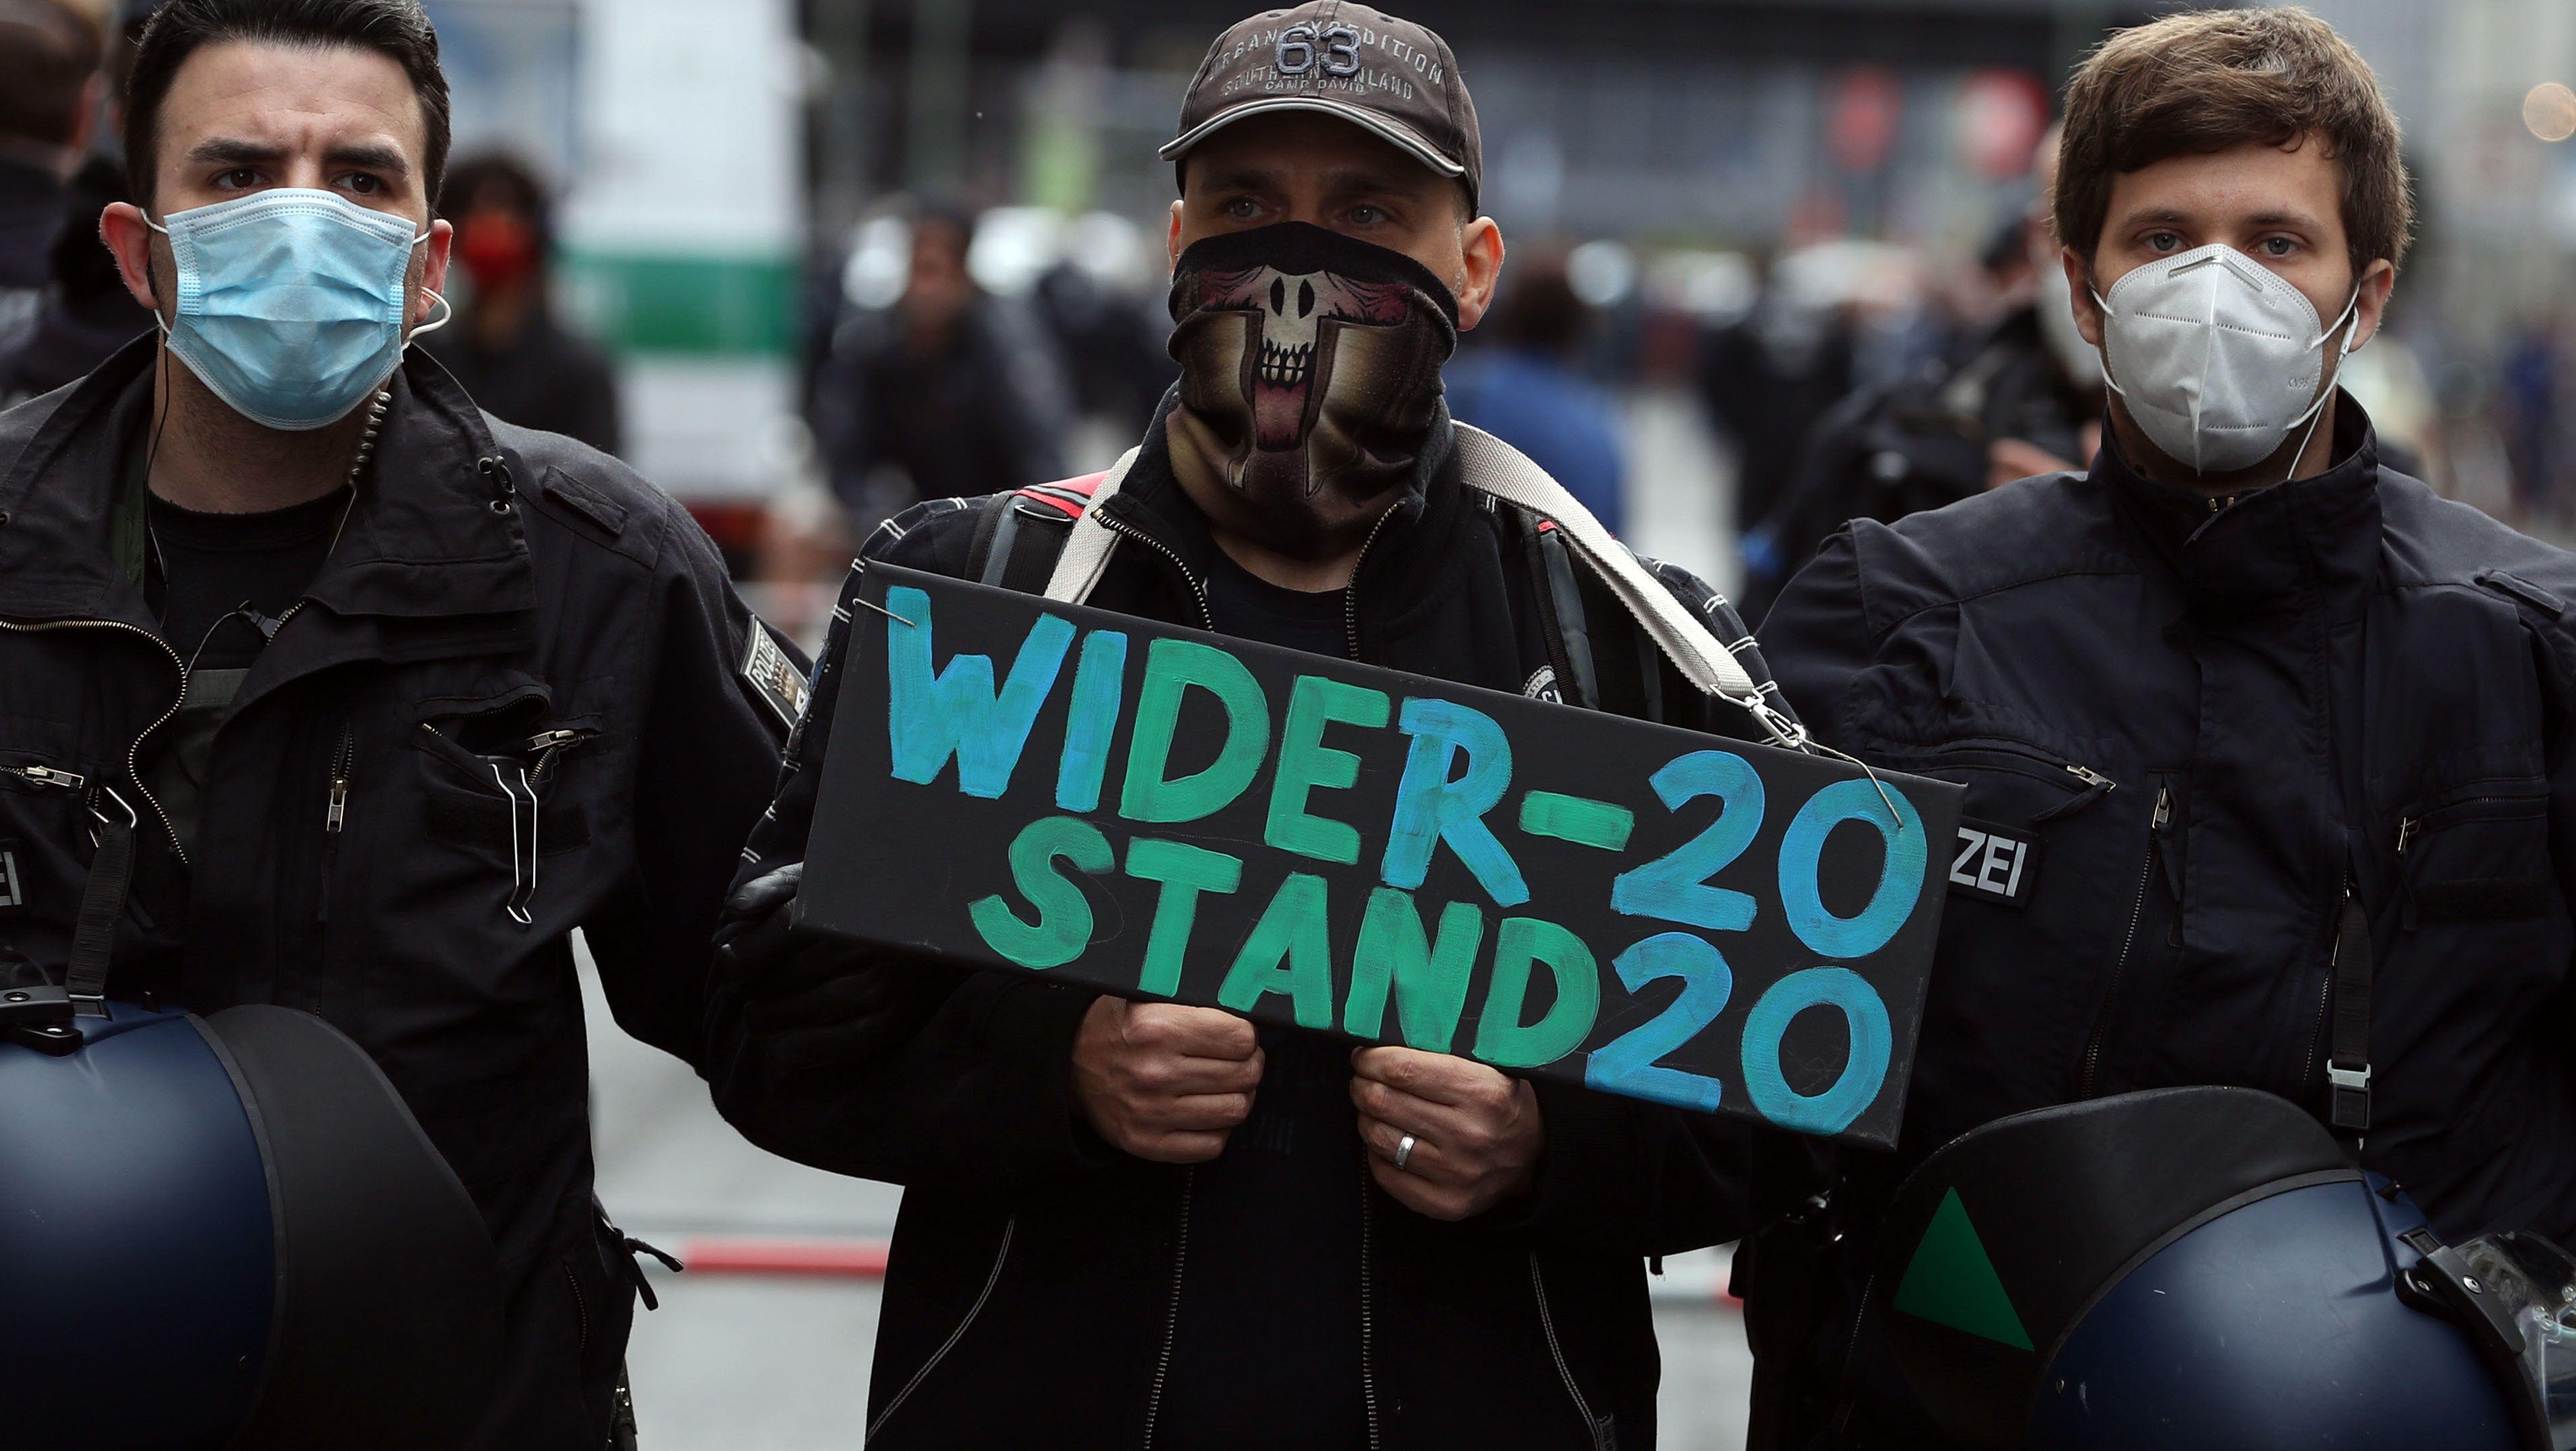 """Ein Demonstrant wird in Berlin abgeführt, während er ein Schild hält mit der Aufschrift """"Widerstand - 2020""""  hochhält."""